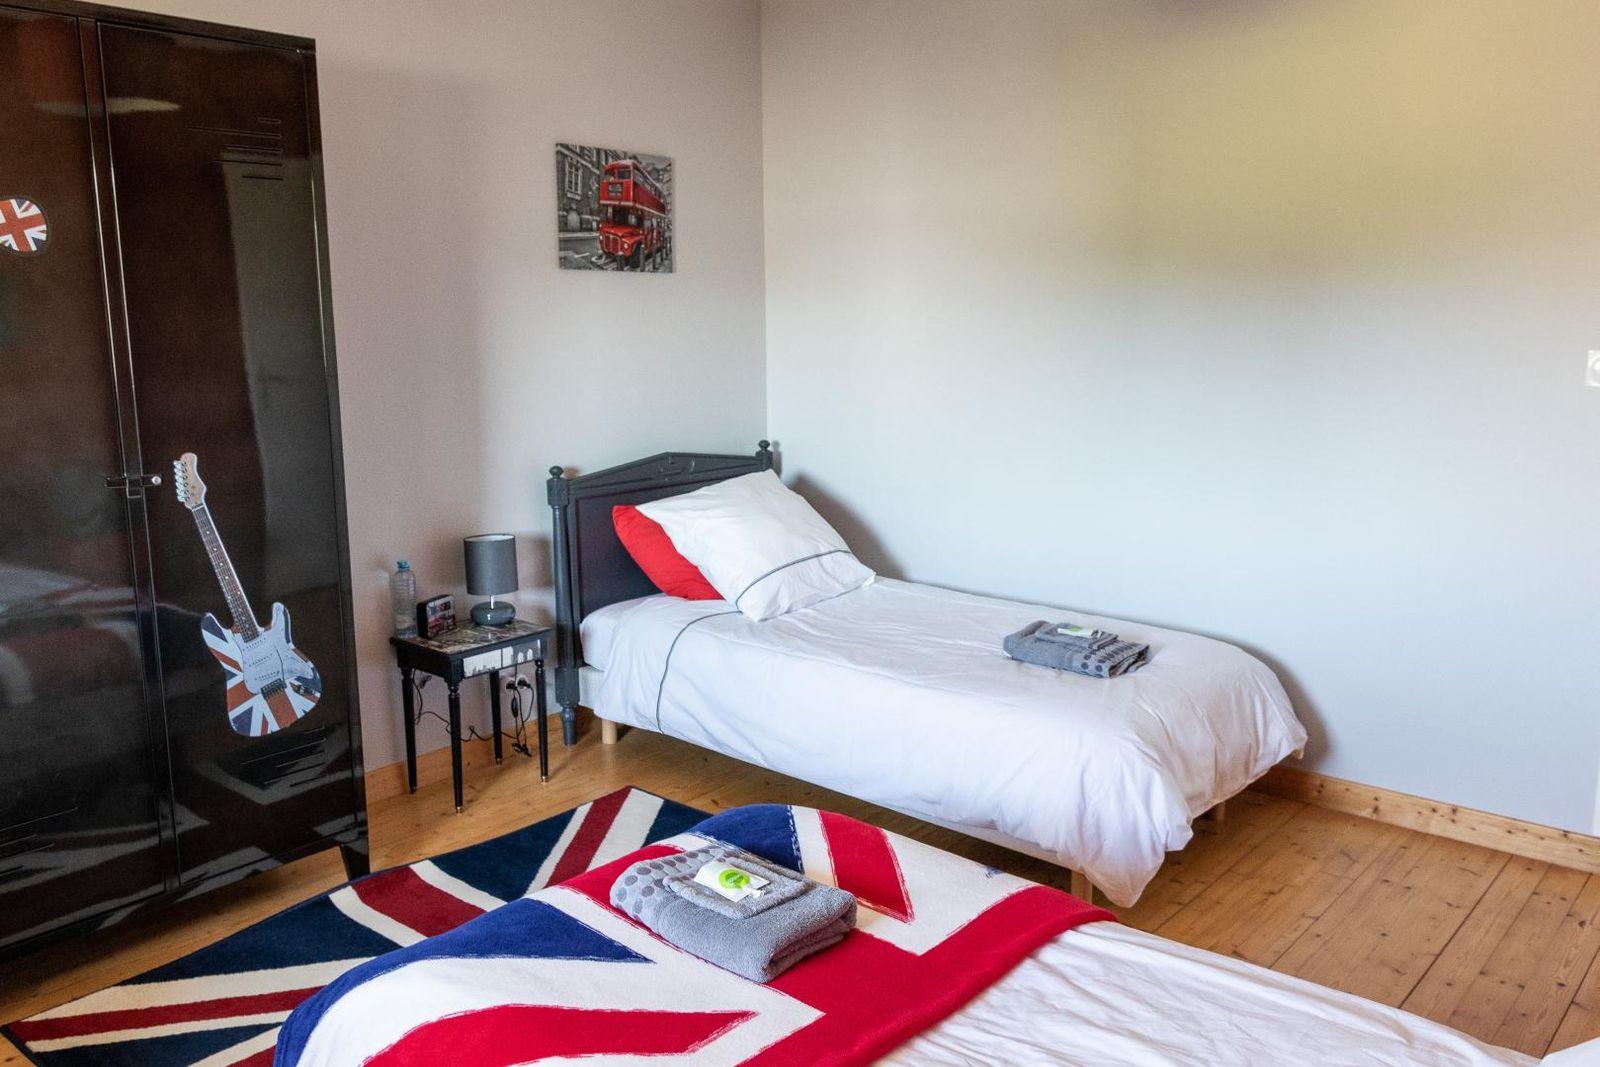 Chambre 3 so British